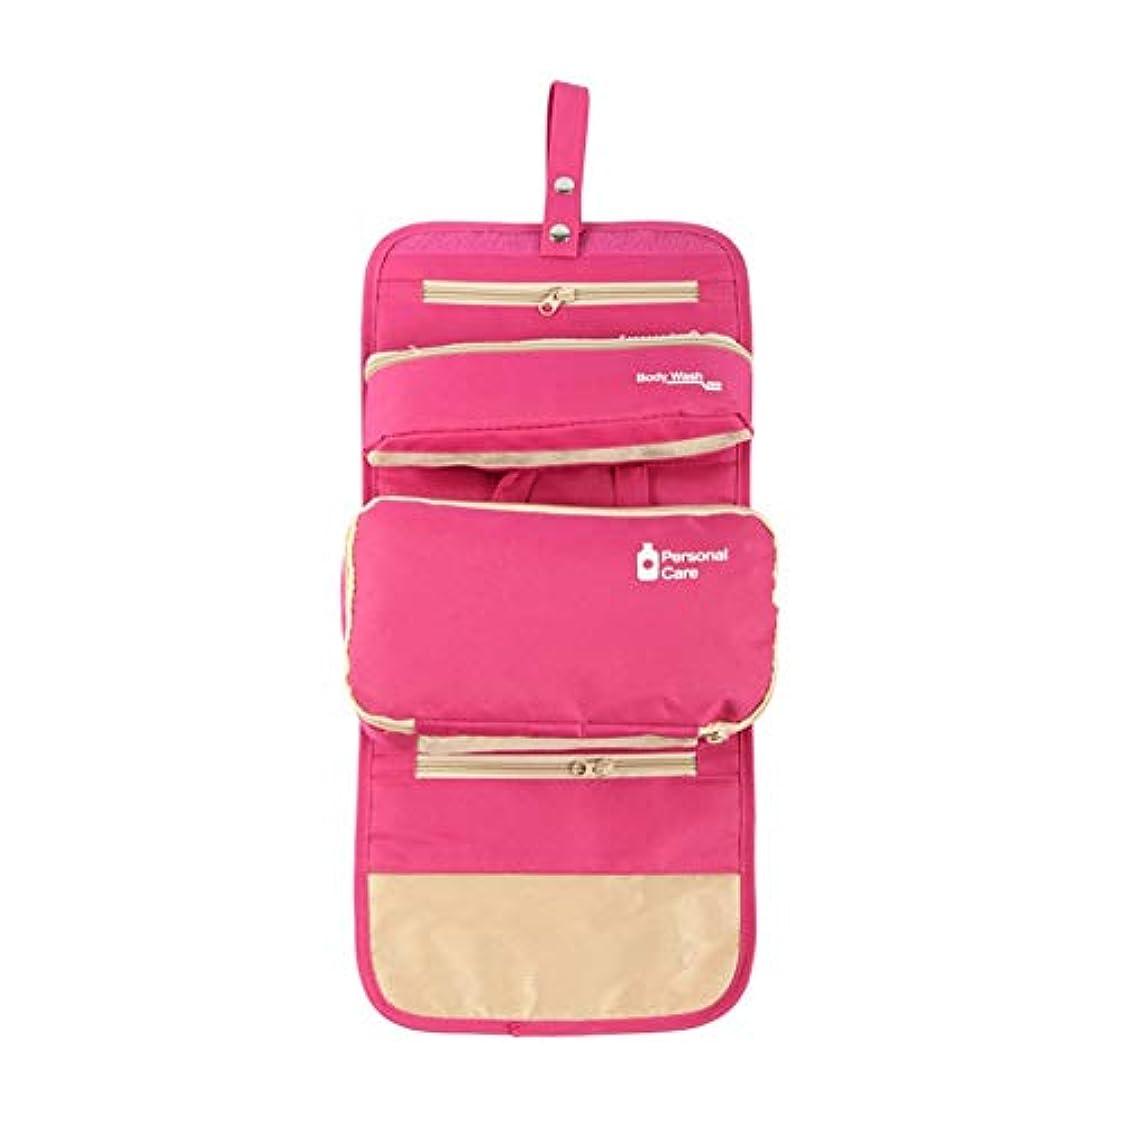 心のこもった殺すセグメント特大スペース収納ビューティーボックス 女の子の女性旅行のための新しく、実用的な携帯用化粧箱およびロックおよび皿が付いている毎日の貯蔵 化粧品化粧台 (色 : ピンク)